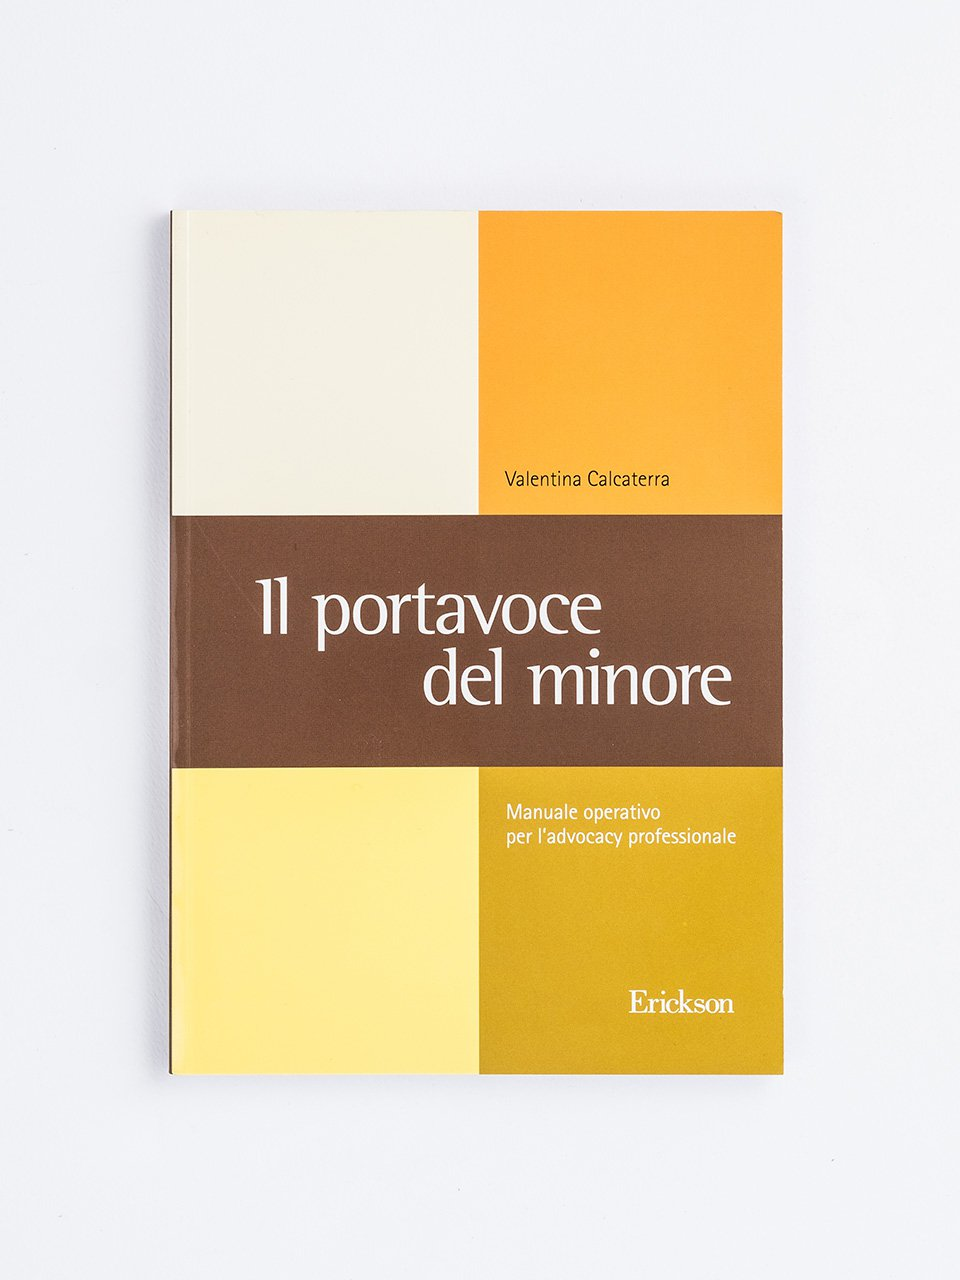 Il portavoce del minore - Una badante in famiglia - Libri - Erickson